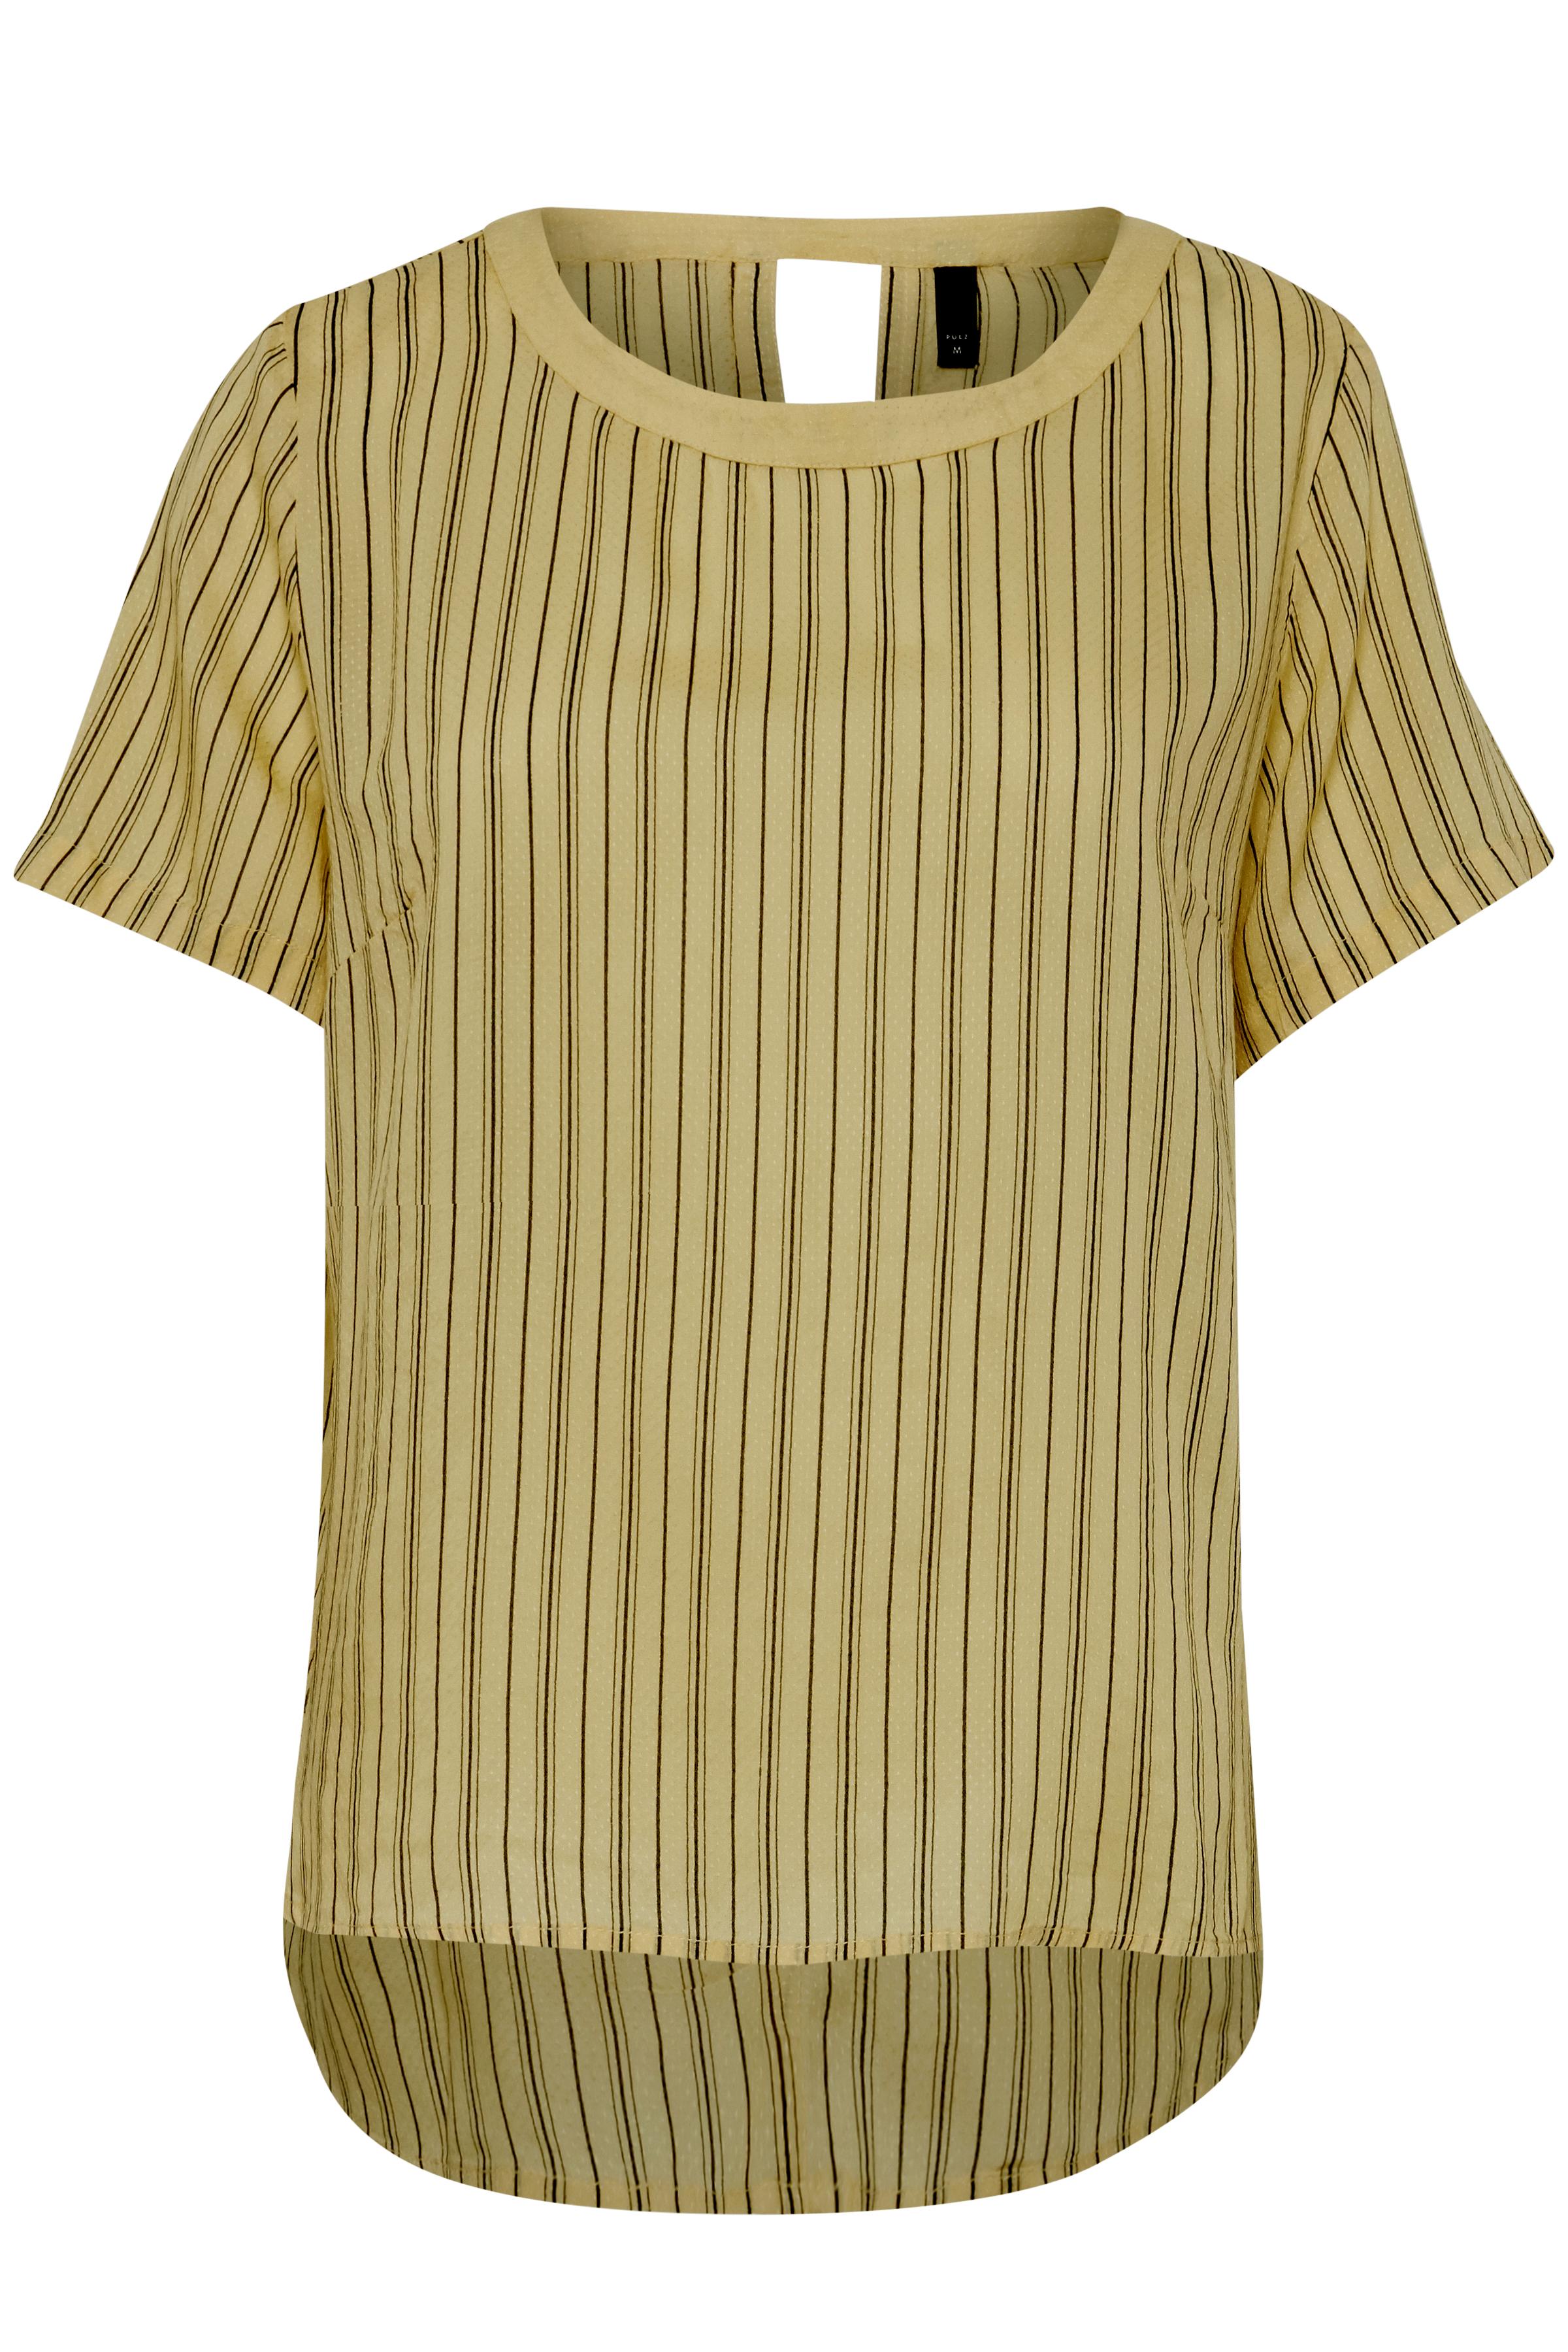 Sundance Kortærmet bluse – Køb Sundance Kortærmet bluse fra str. XS-XXL her